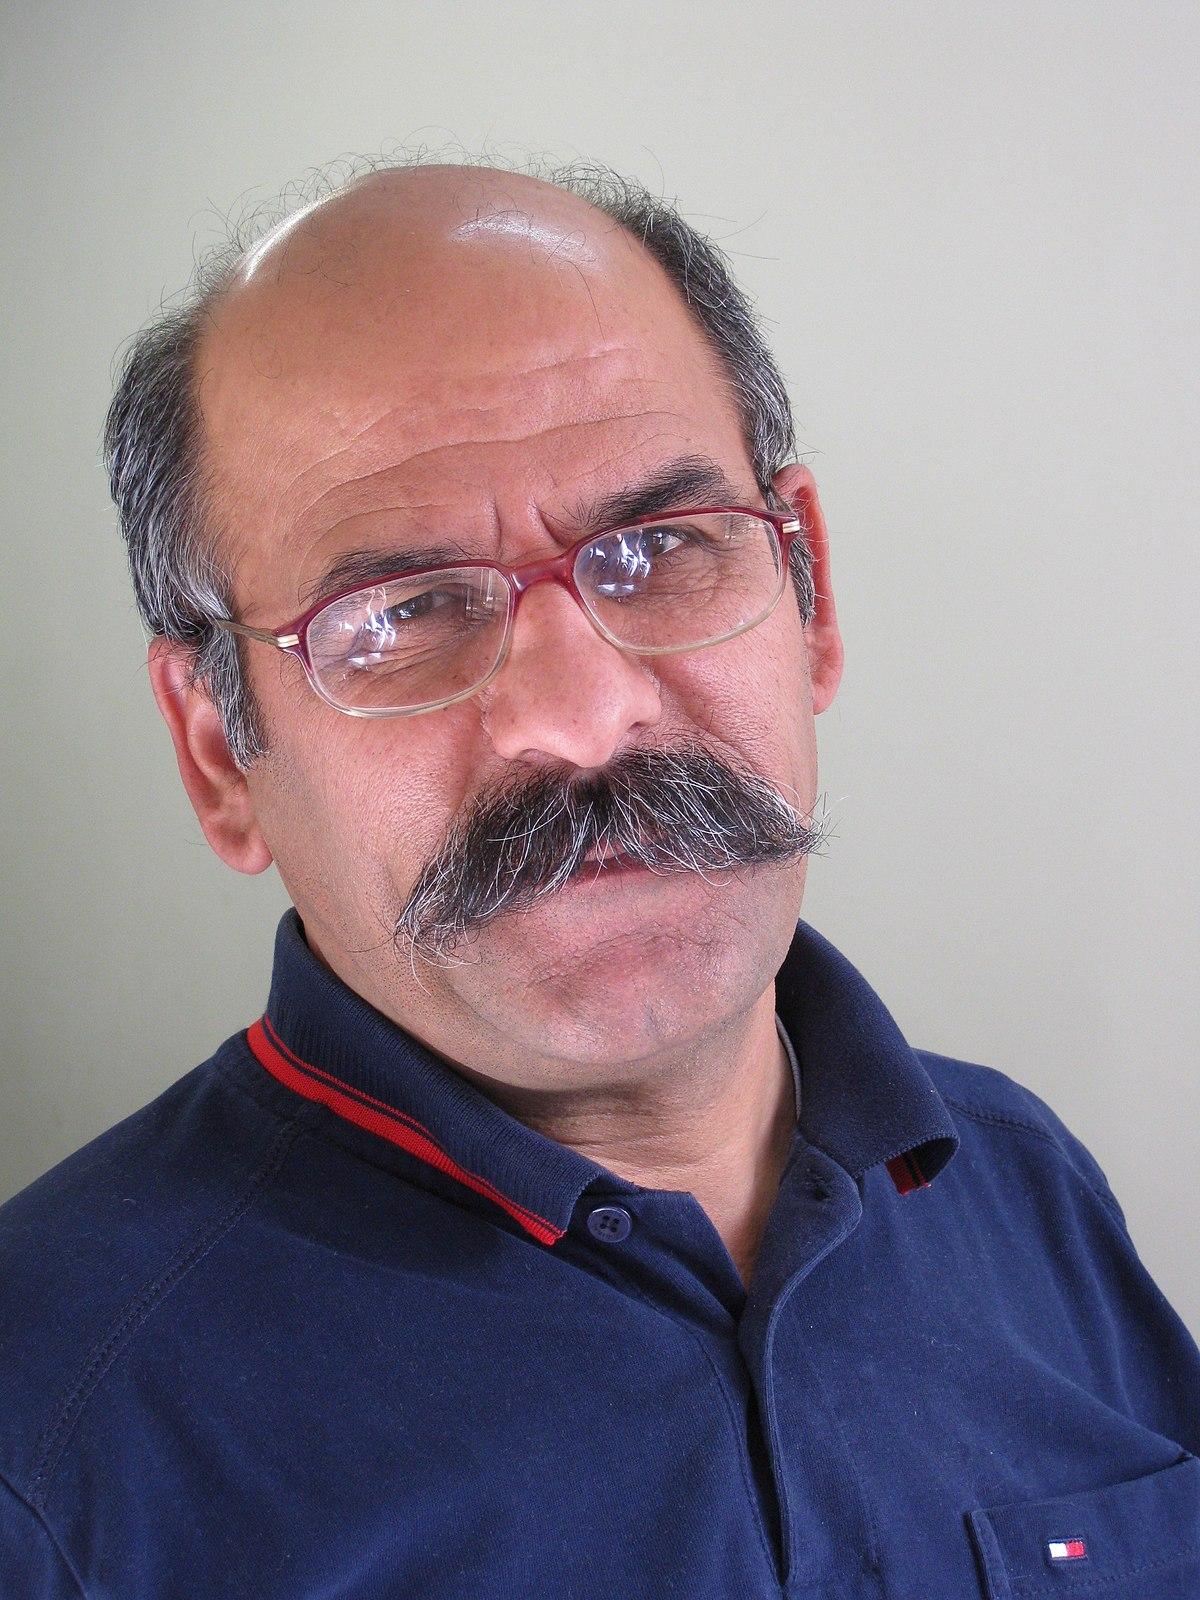 علیرضا فرزین - ویکیپدیا، دانشنامهٔ آزاد